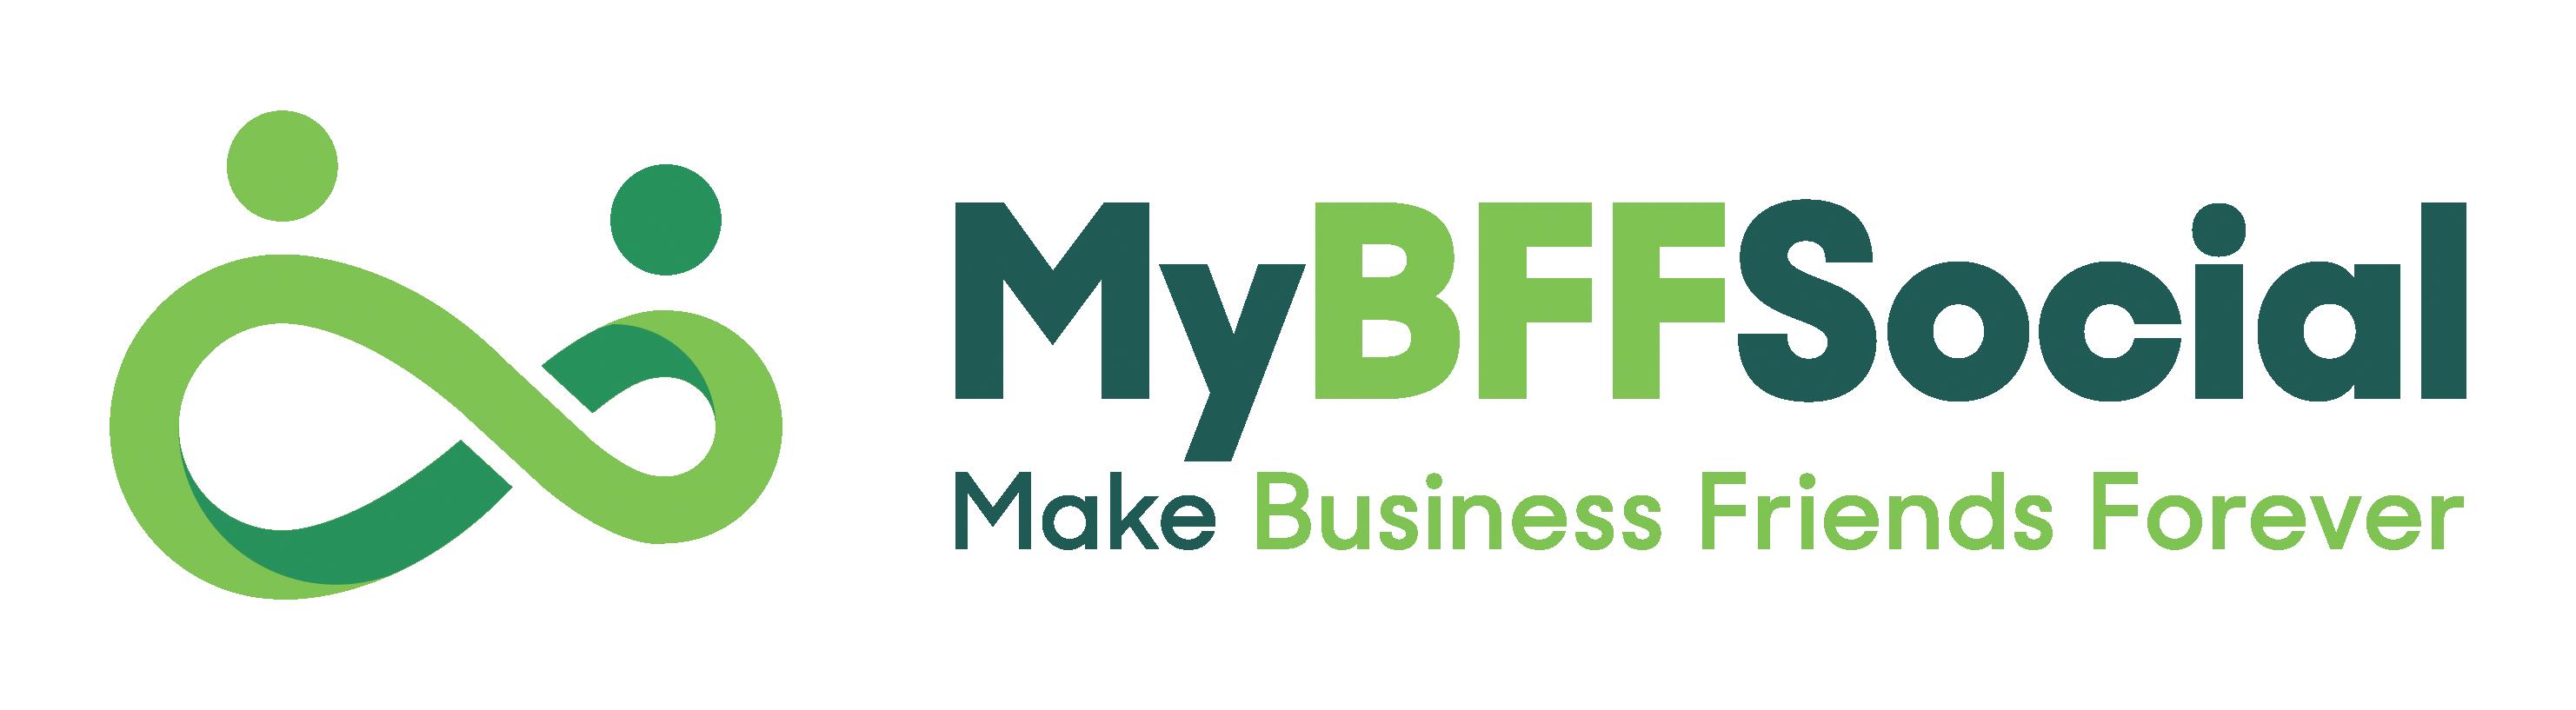 mybff social logo